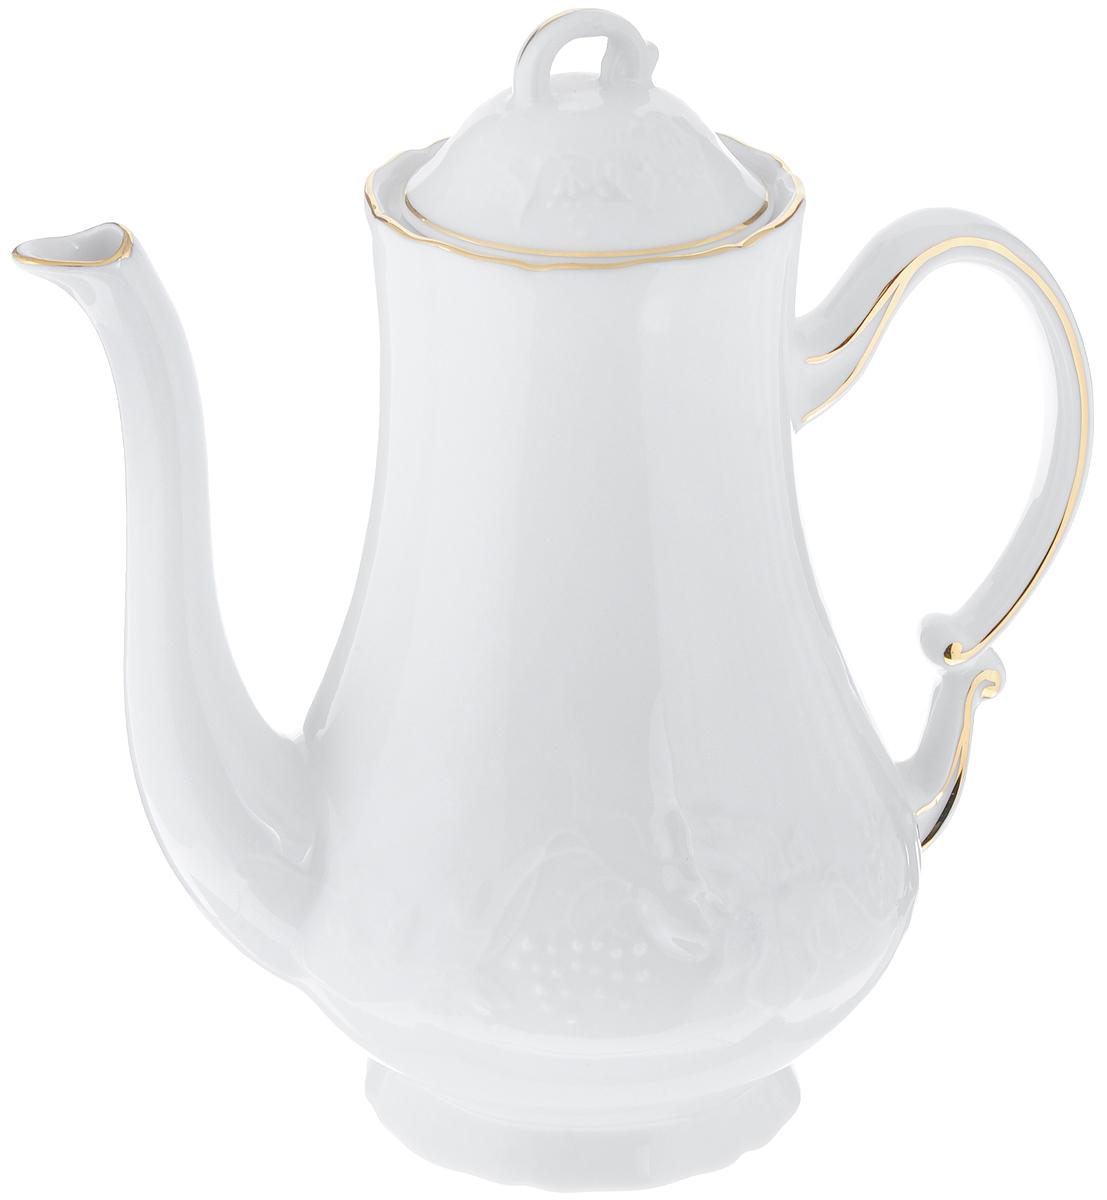 Кофейник La Rose Des Sables Vendanges, цвет: белый, золотистый, 1,3 л115510Кофейник La Rose Des Sables Vendanges изготовлен из высококачественного фарфора и предназначен для красивой подачи кофе. Внешние стенки изделия оформлены рельефным изображением цветов. Изящный дизайн кофейника придется по вкусу и ценителям классики, и тем, кто предпочитает утонченность и изысканность. Диаметр по верхнему краю: 8,5 см. Высота (без учета крышки): 20,5 см.Диаметр основания: 9 см.Объем: 1,3 л.